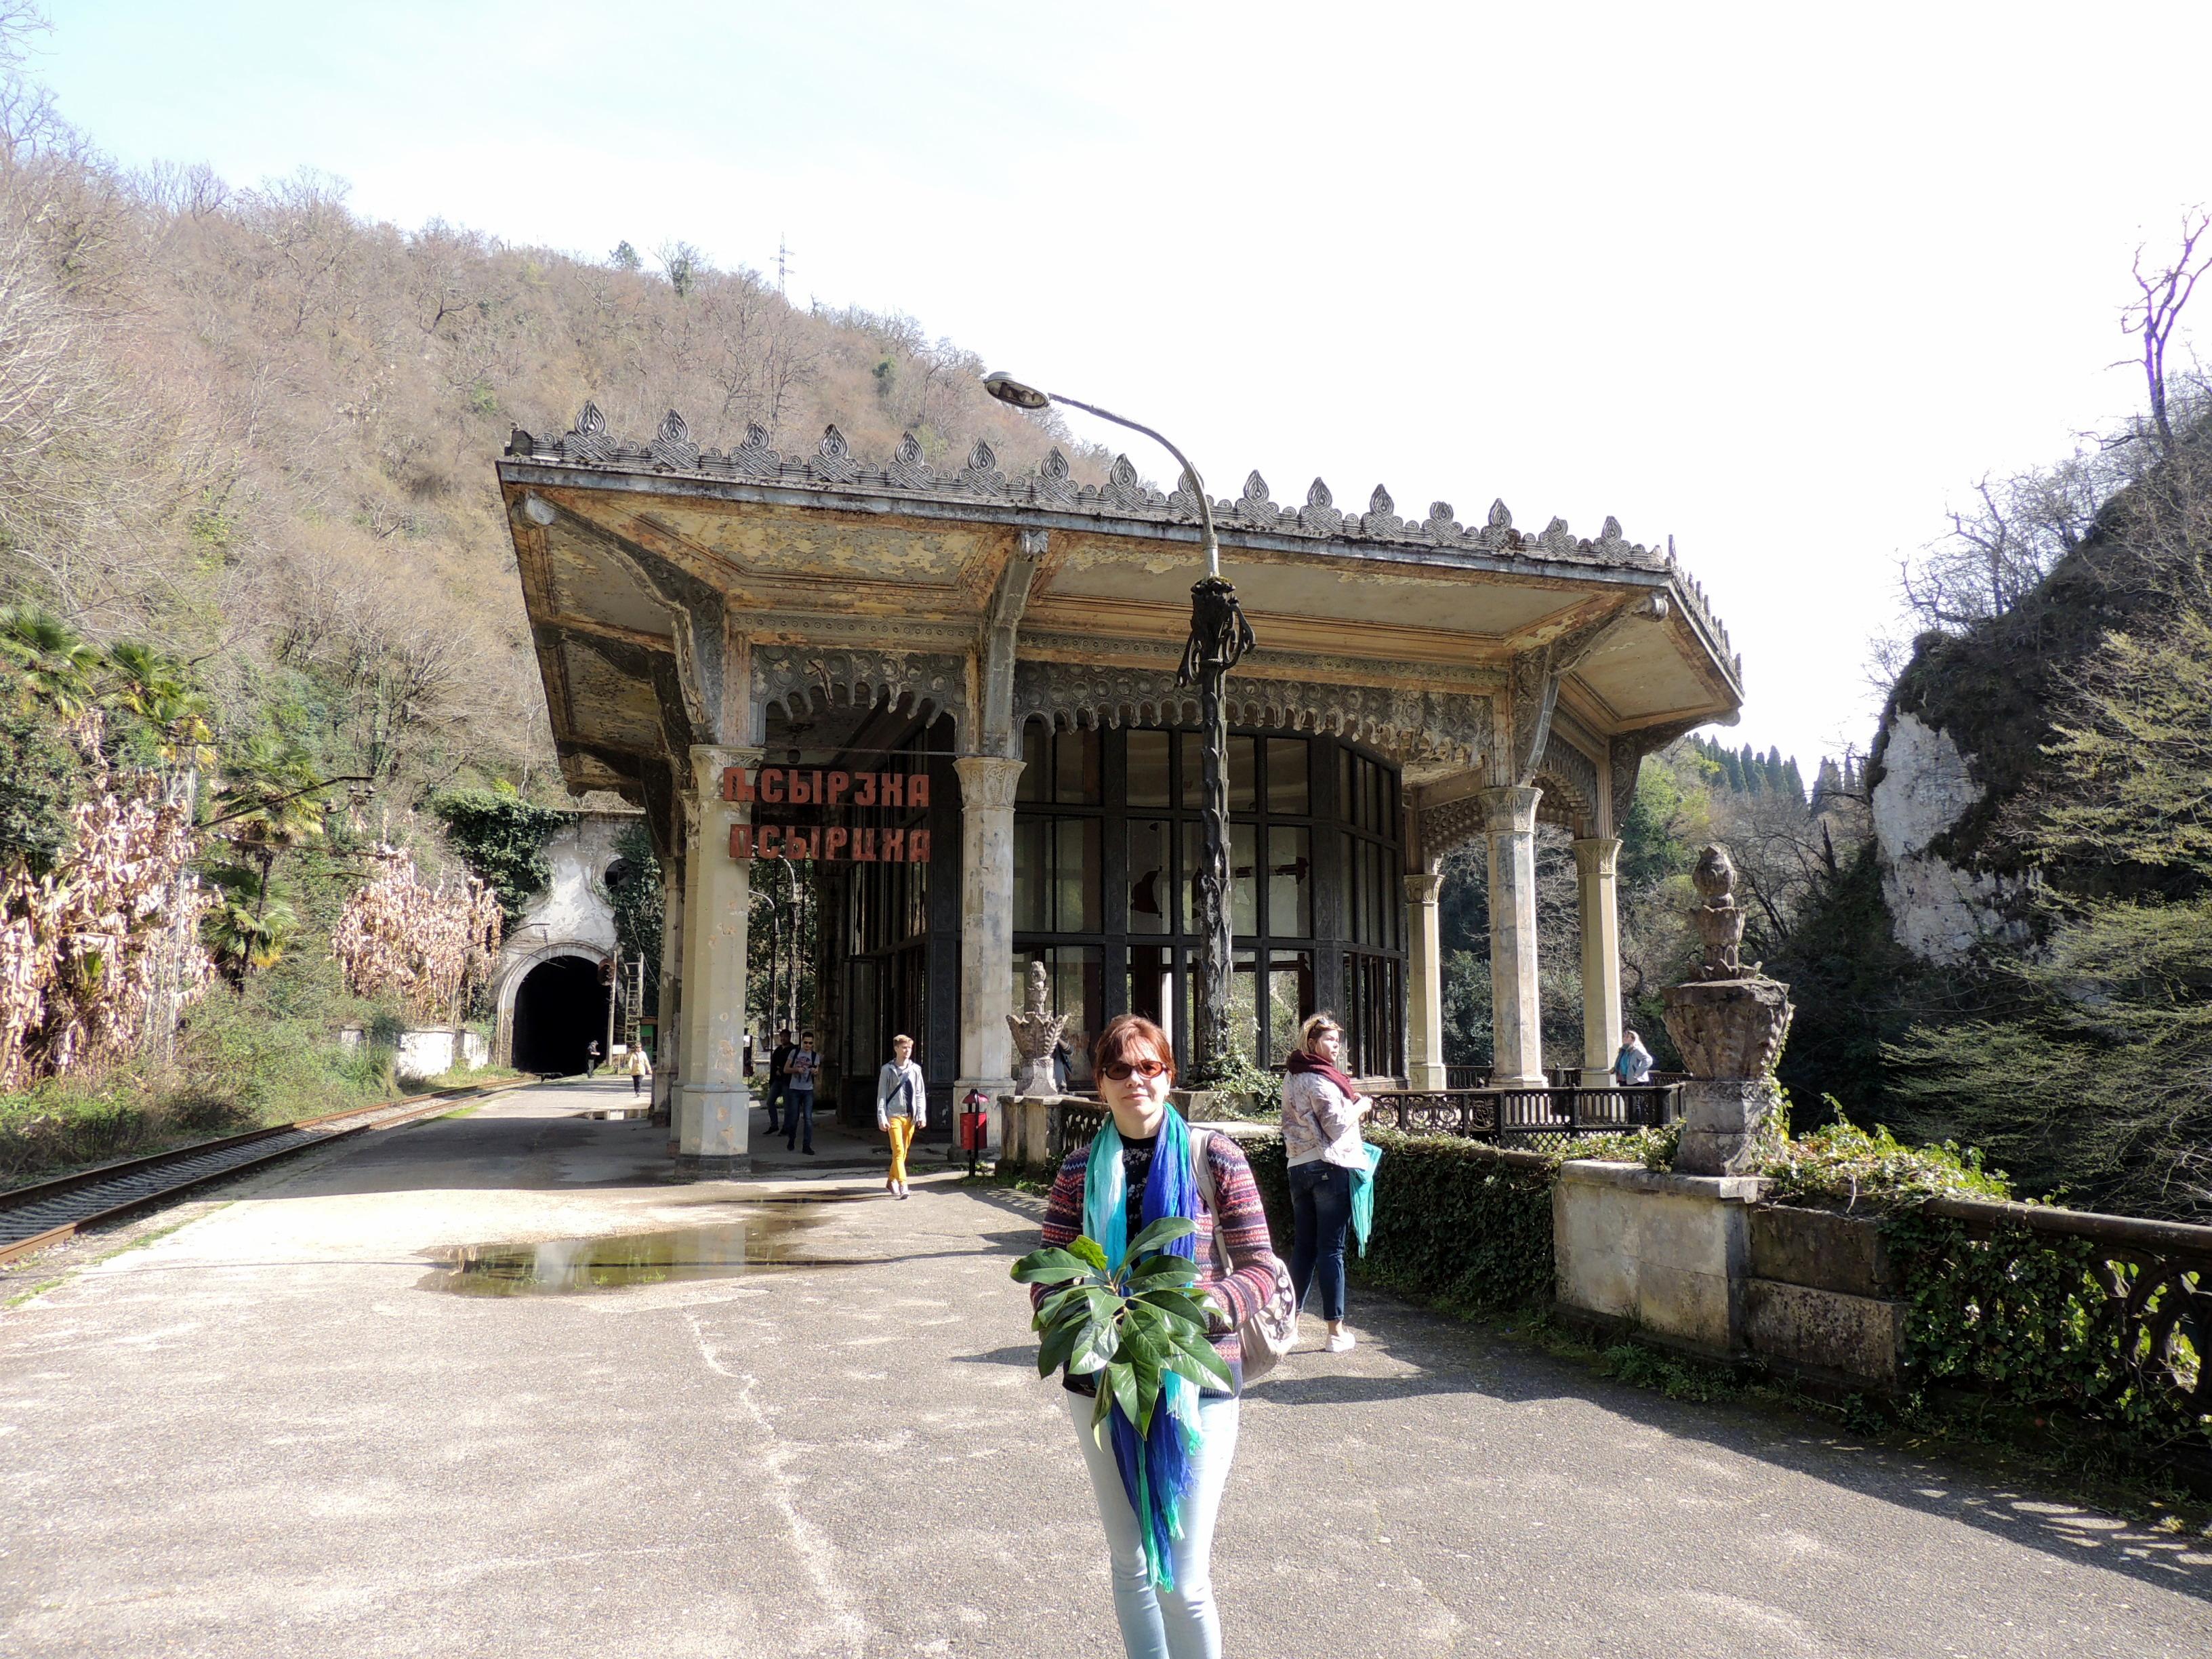 Абхазия Новый Афон Железнодорожный вокзал 14 марта 2015 г., 16-32.JPG